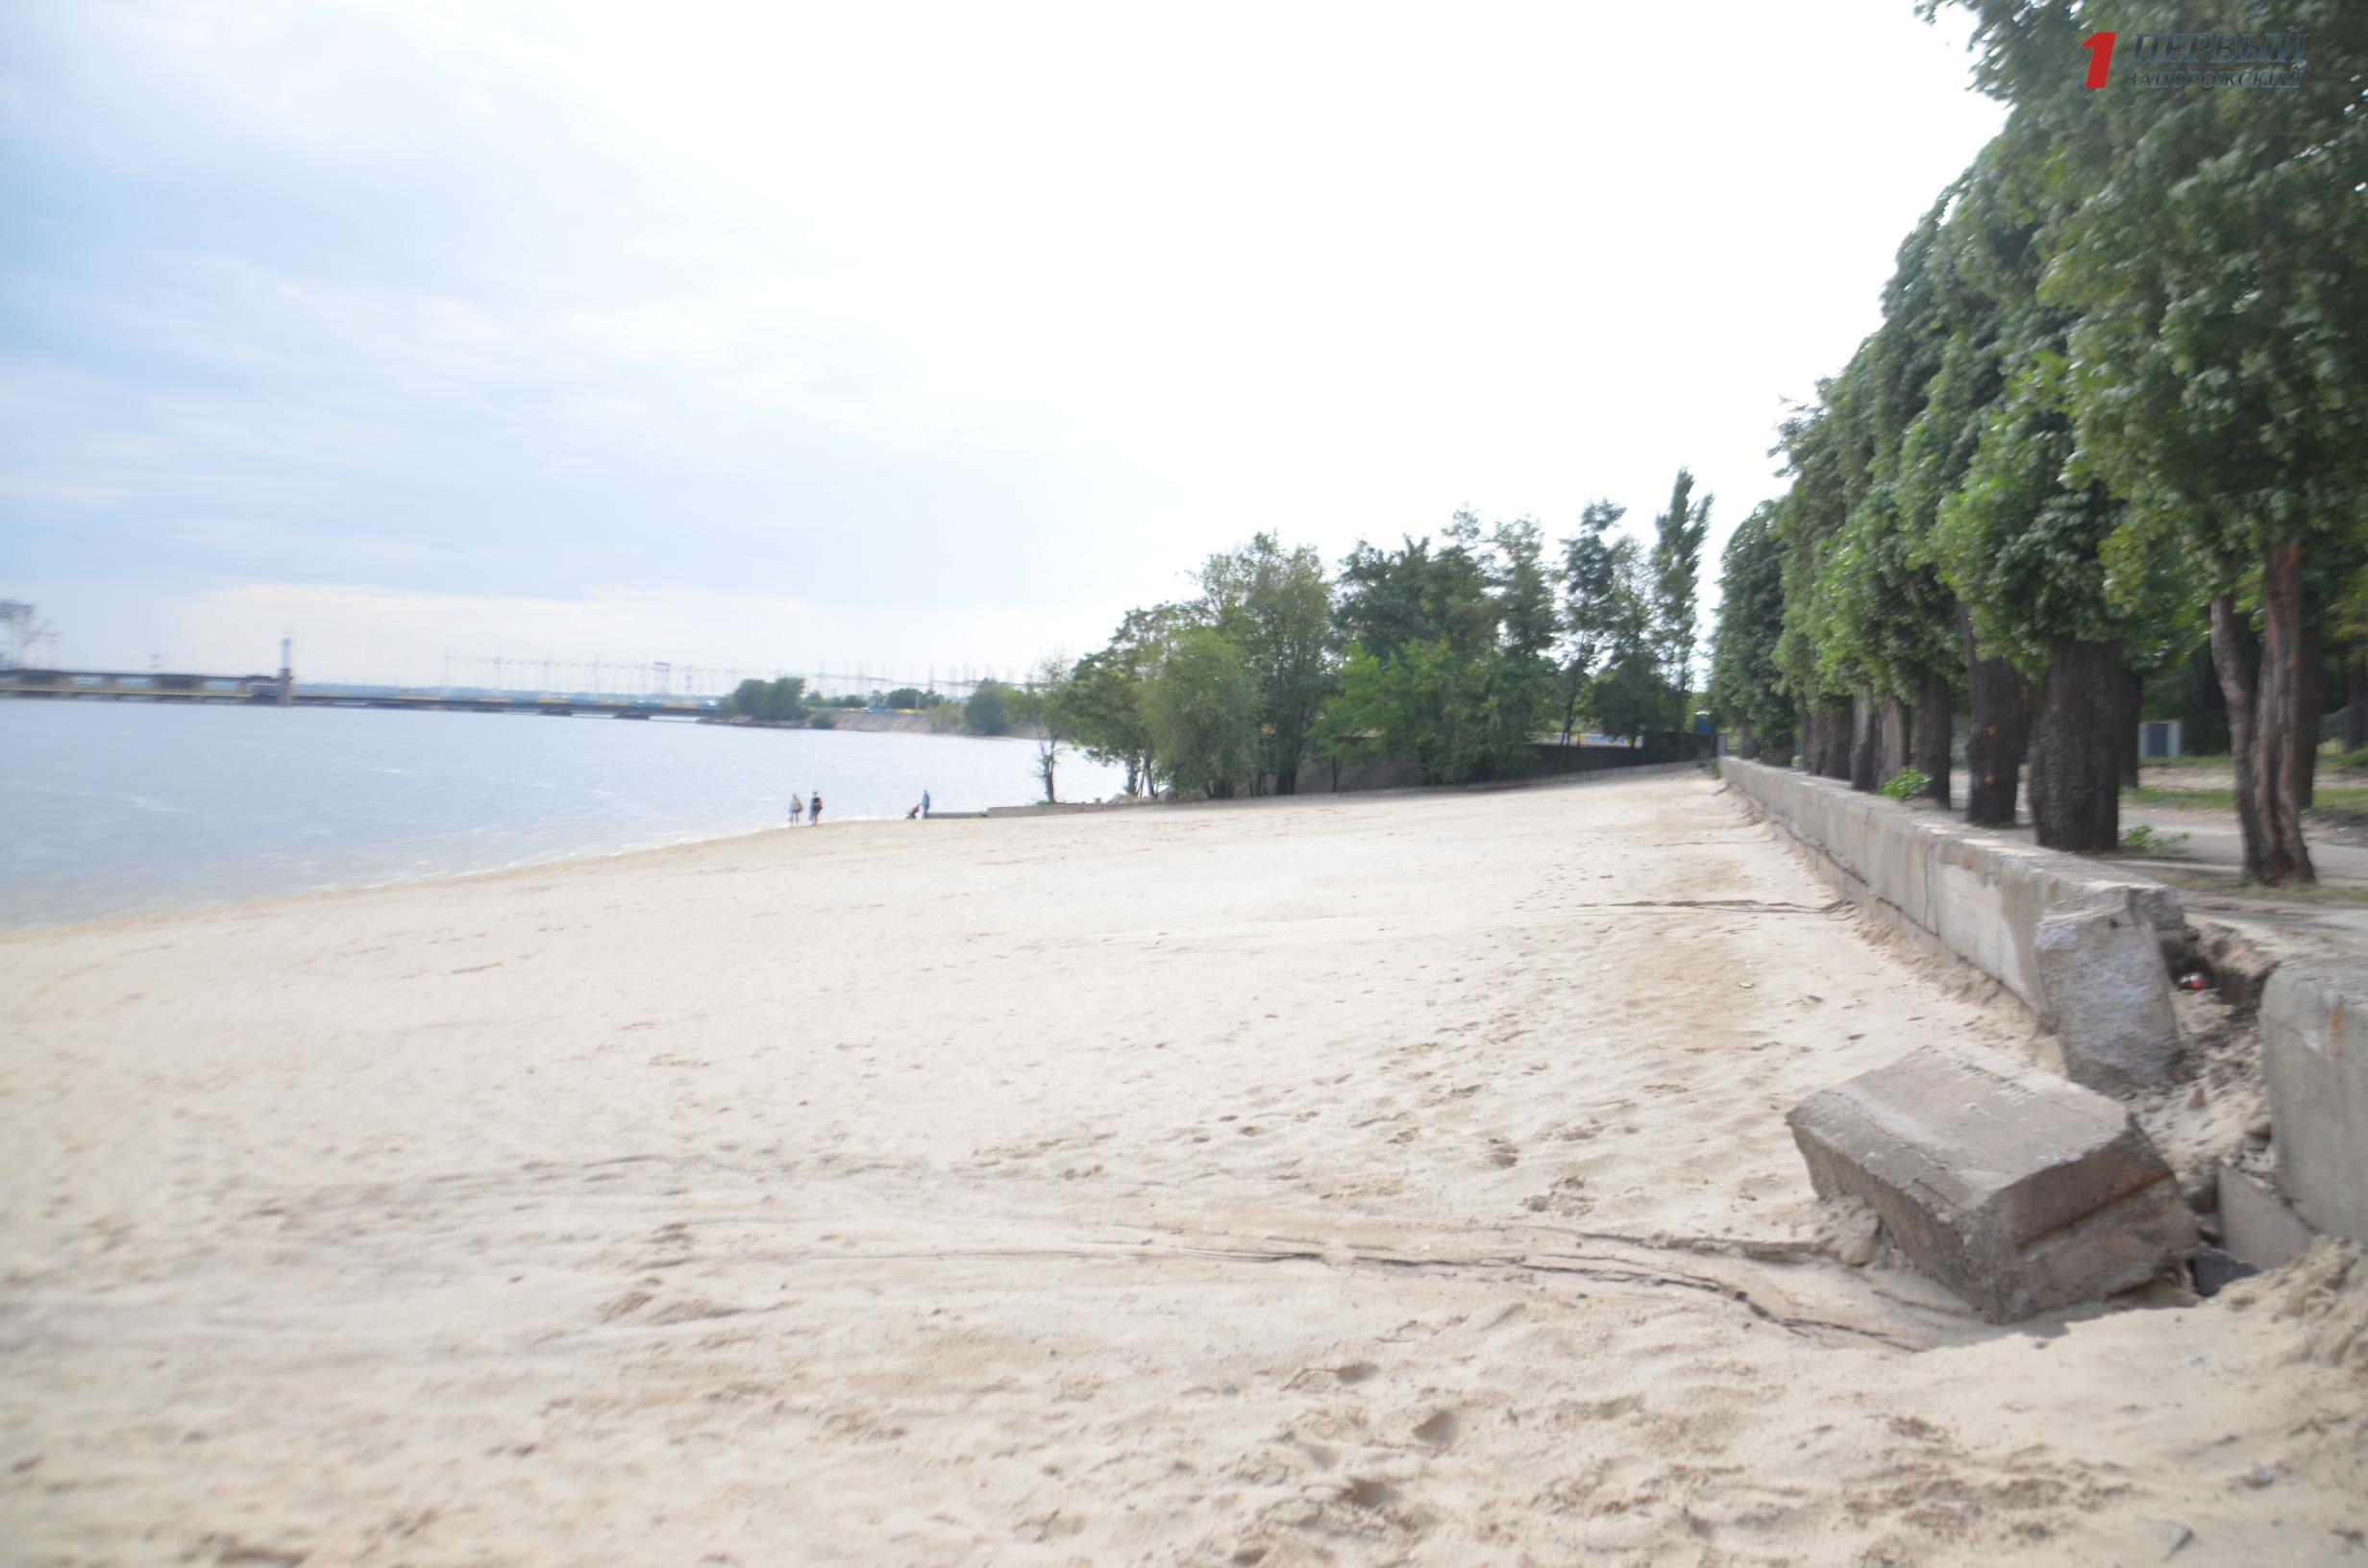 Ни техники, ни людей: в Запорожье приостановилась реконструкция Правобережного пляжа - ФОТО